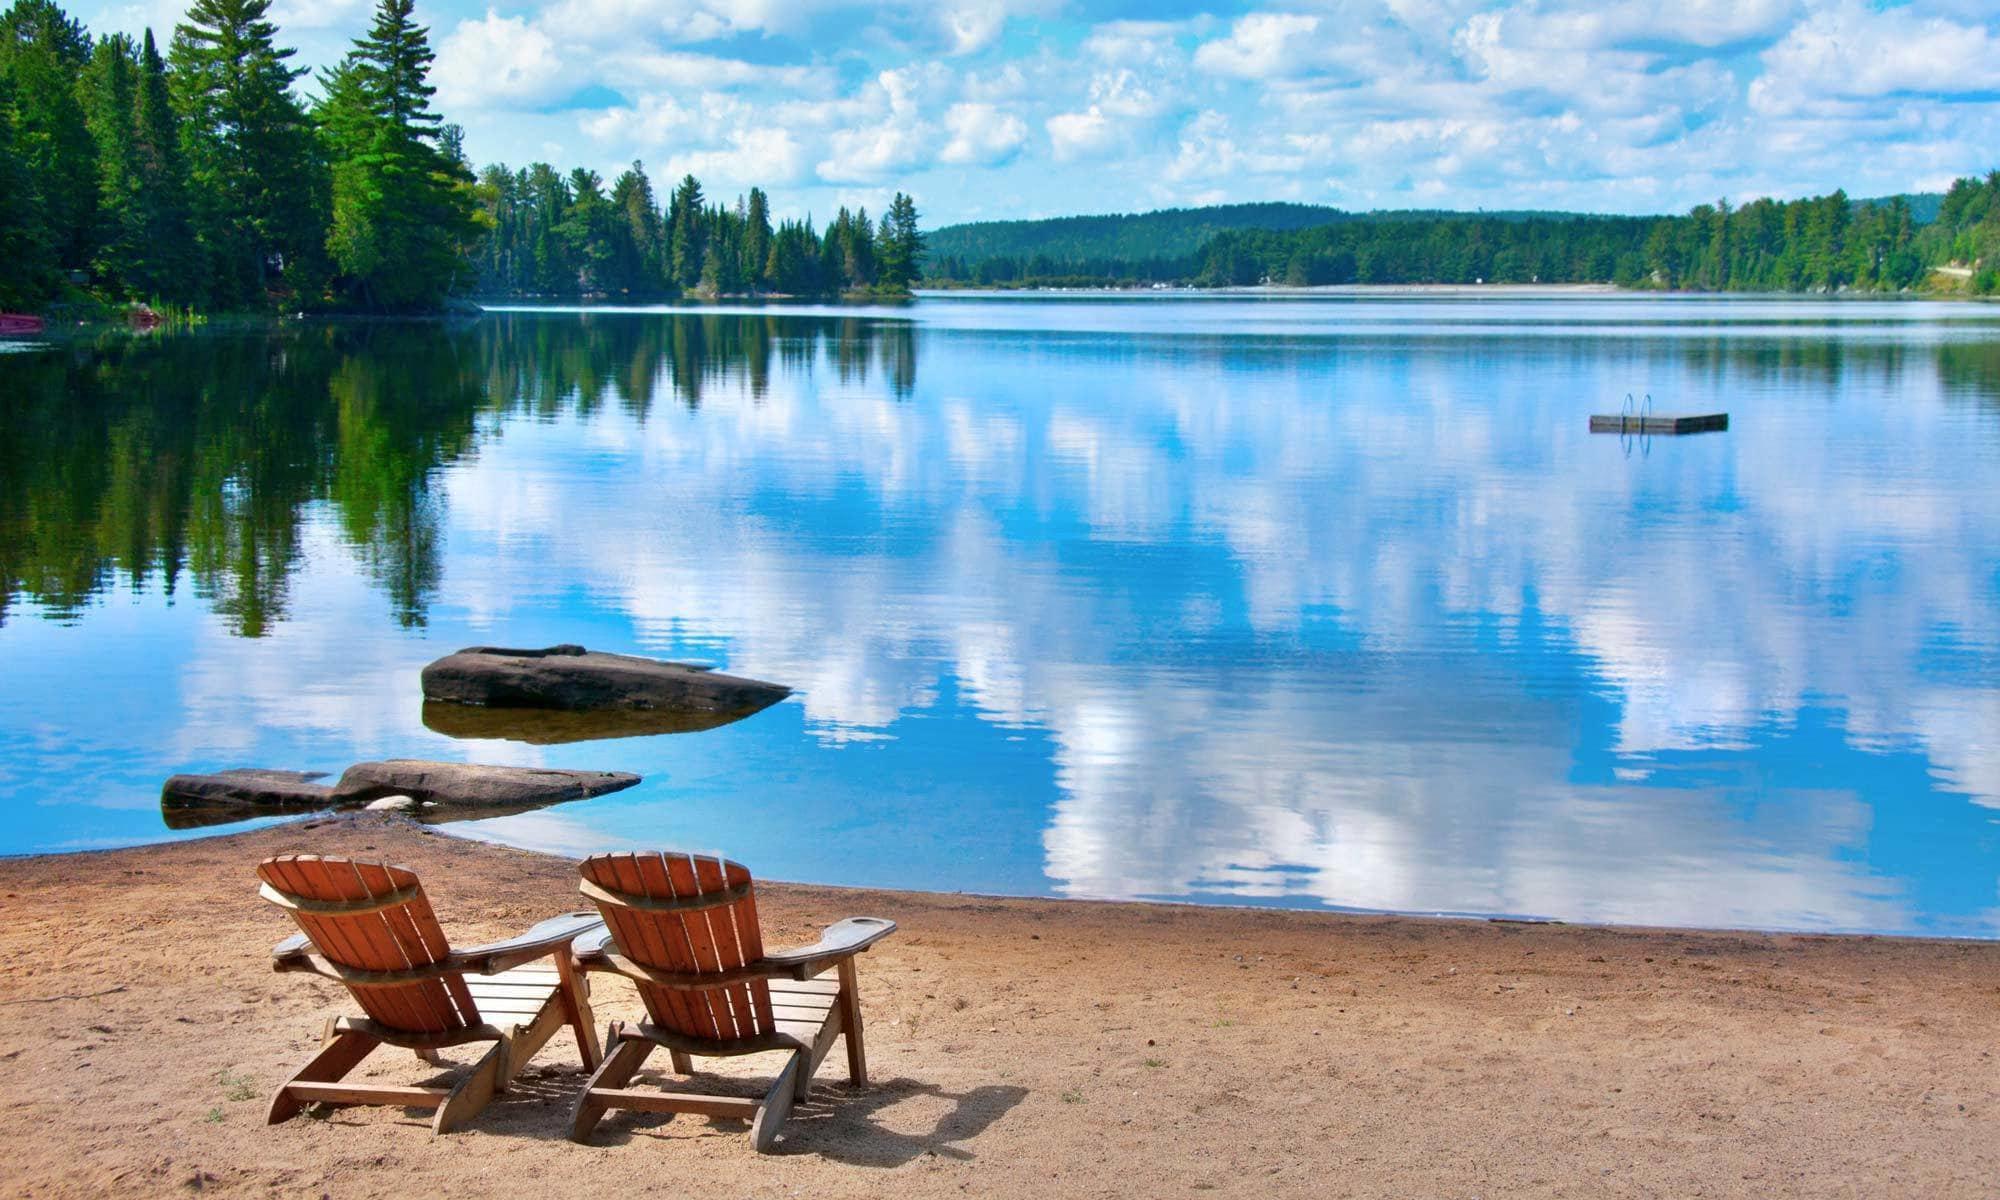 Beautiful view of Surprise Lake near Surprise Lake Village